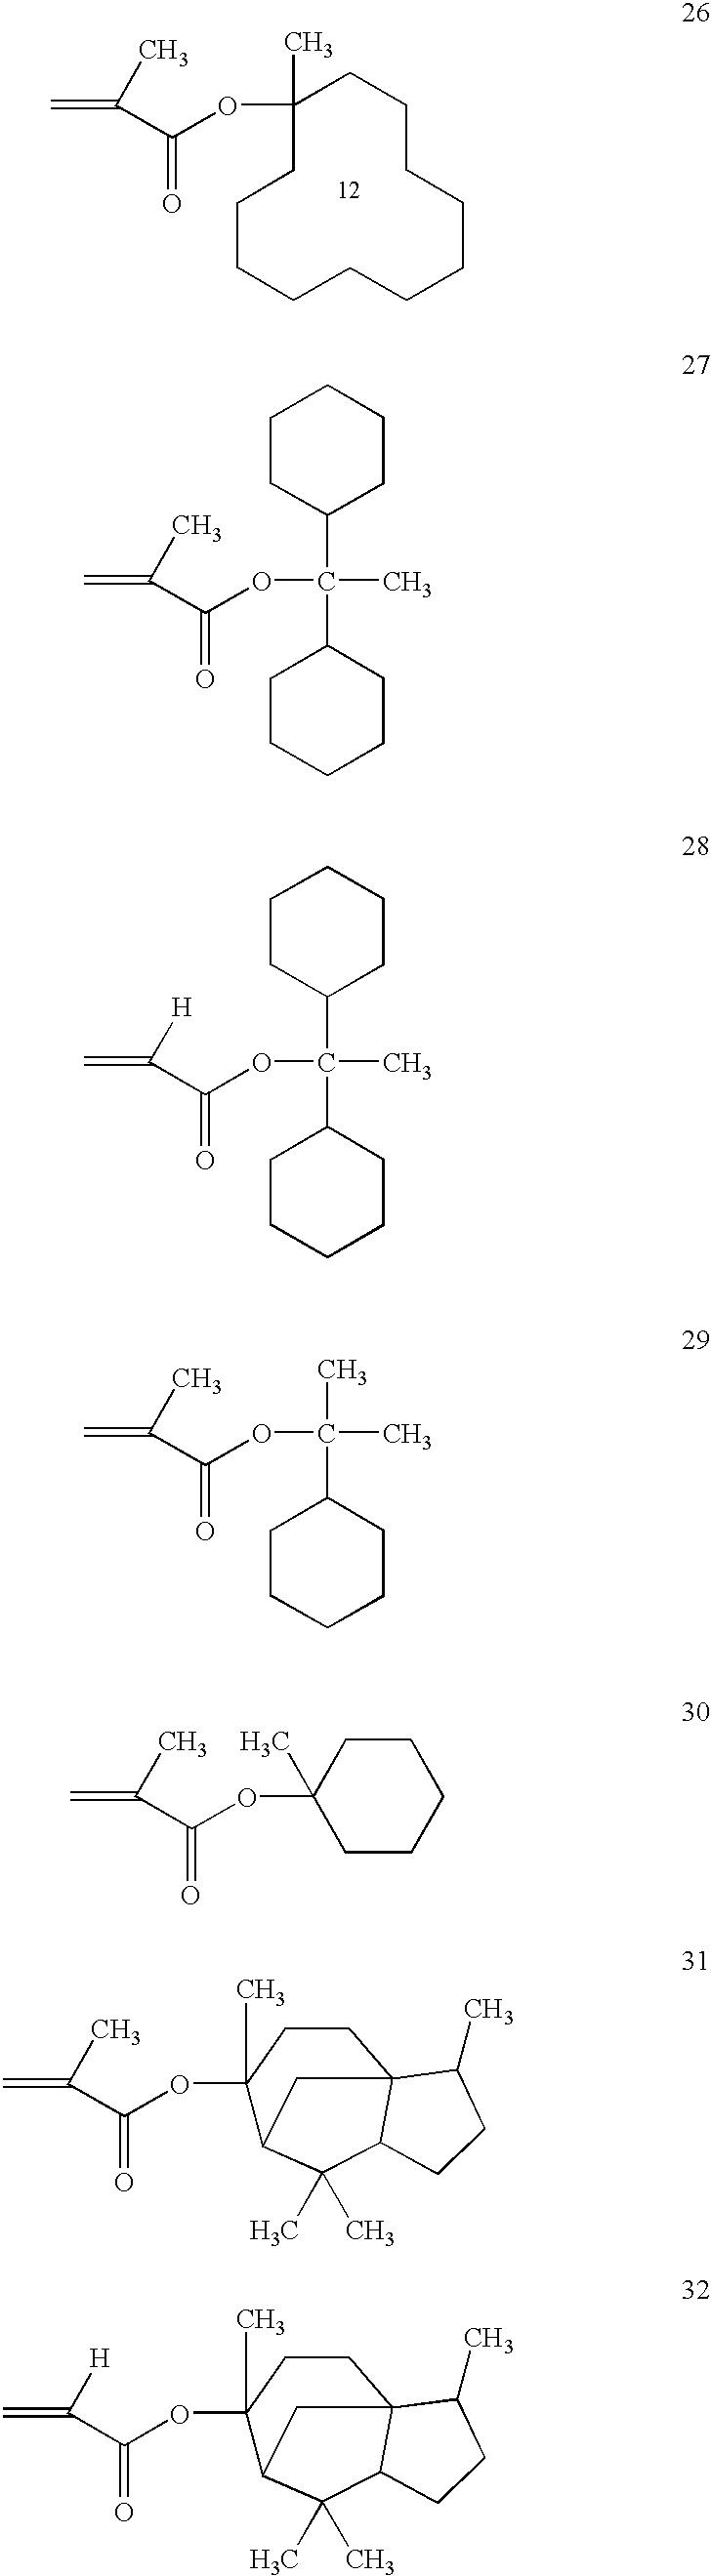 Figure US20030186161A1-20031002-C00050